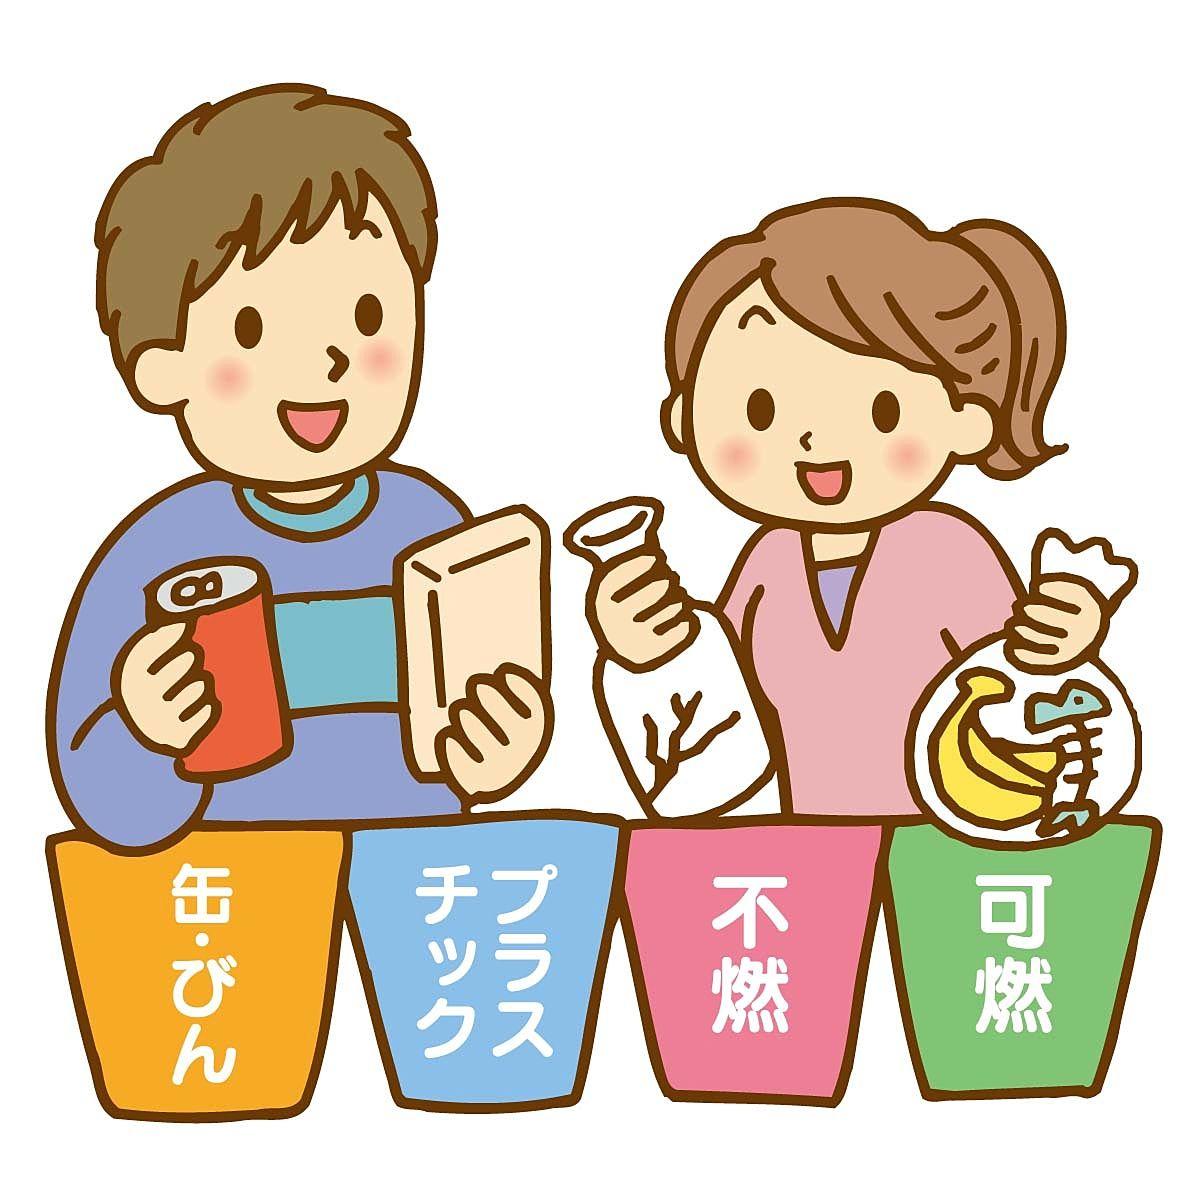 ゴミの出し方・分別マナー改善 国分寺市 株式会社ホーセイ土地